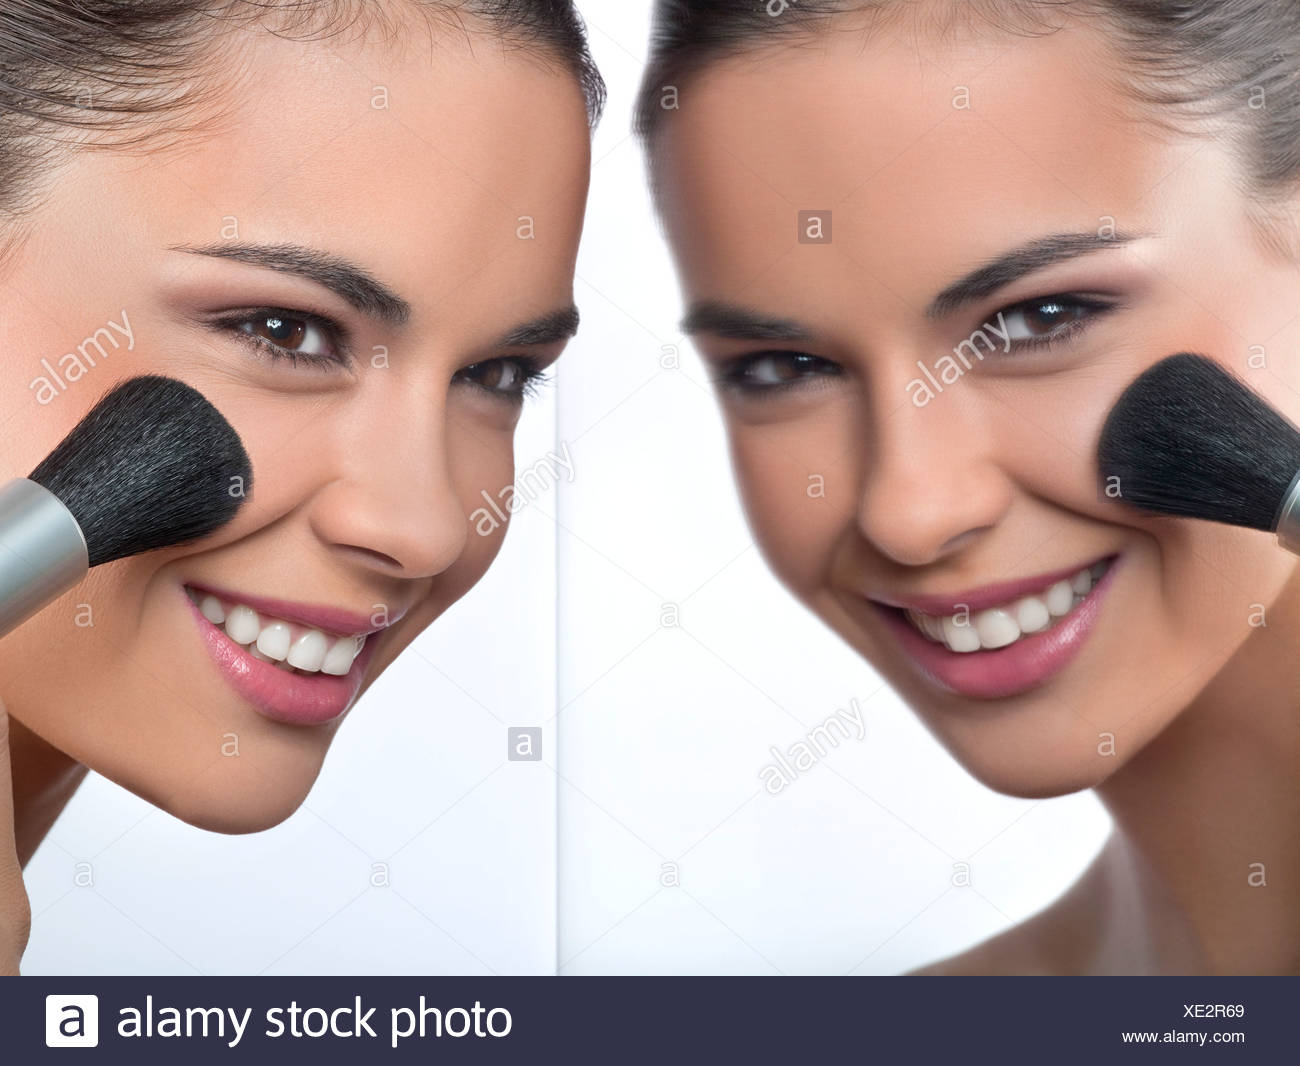 Junge Frau, die Anwendung von erröten und ihre Reflexion im Spiegel Stockbild